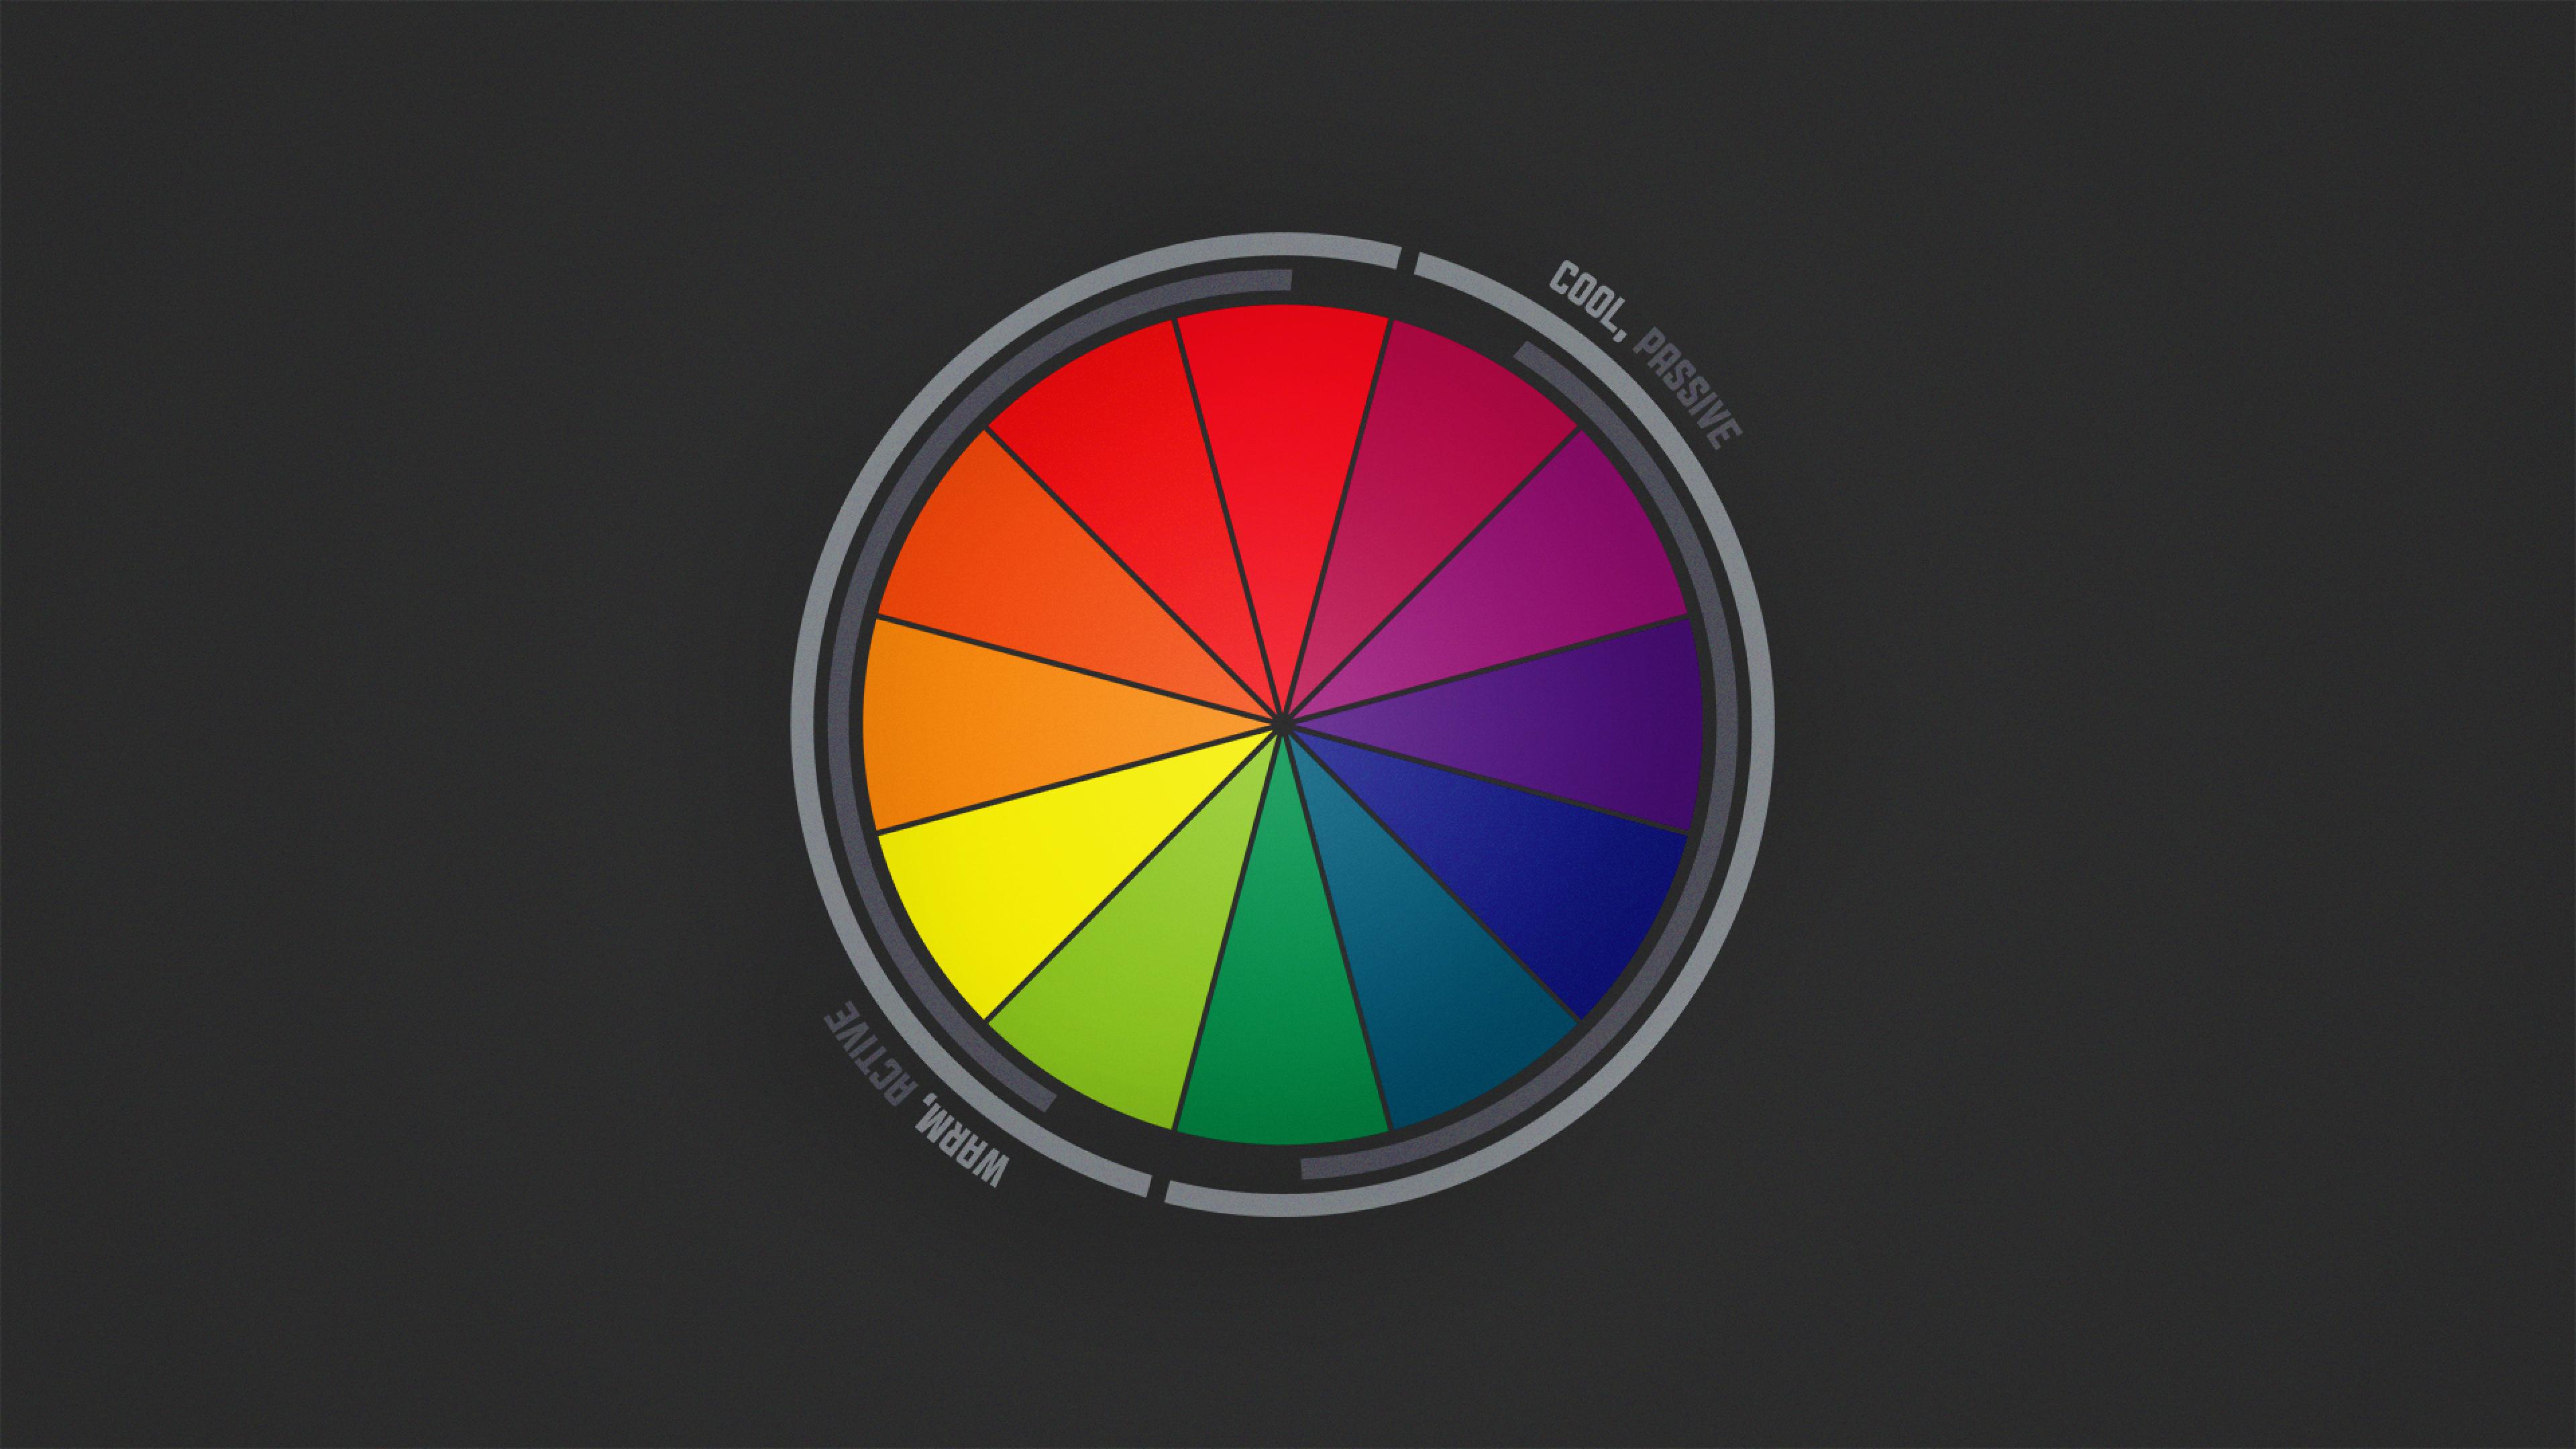 علاقة الألوان وأسس اختيارها في التصميم